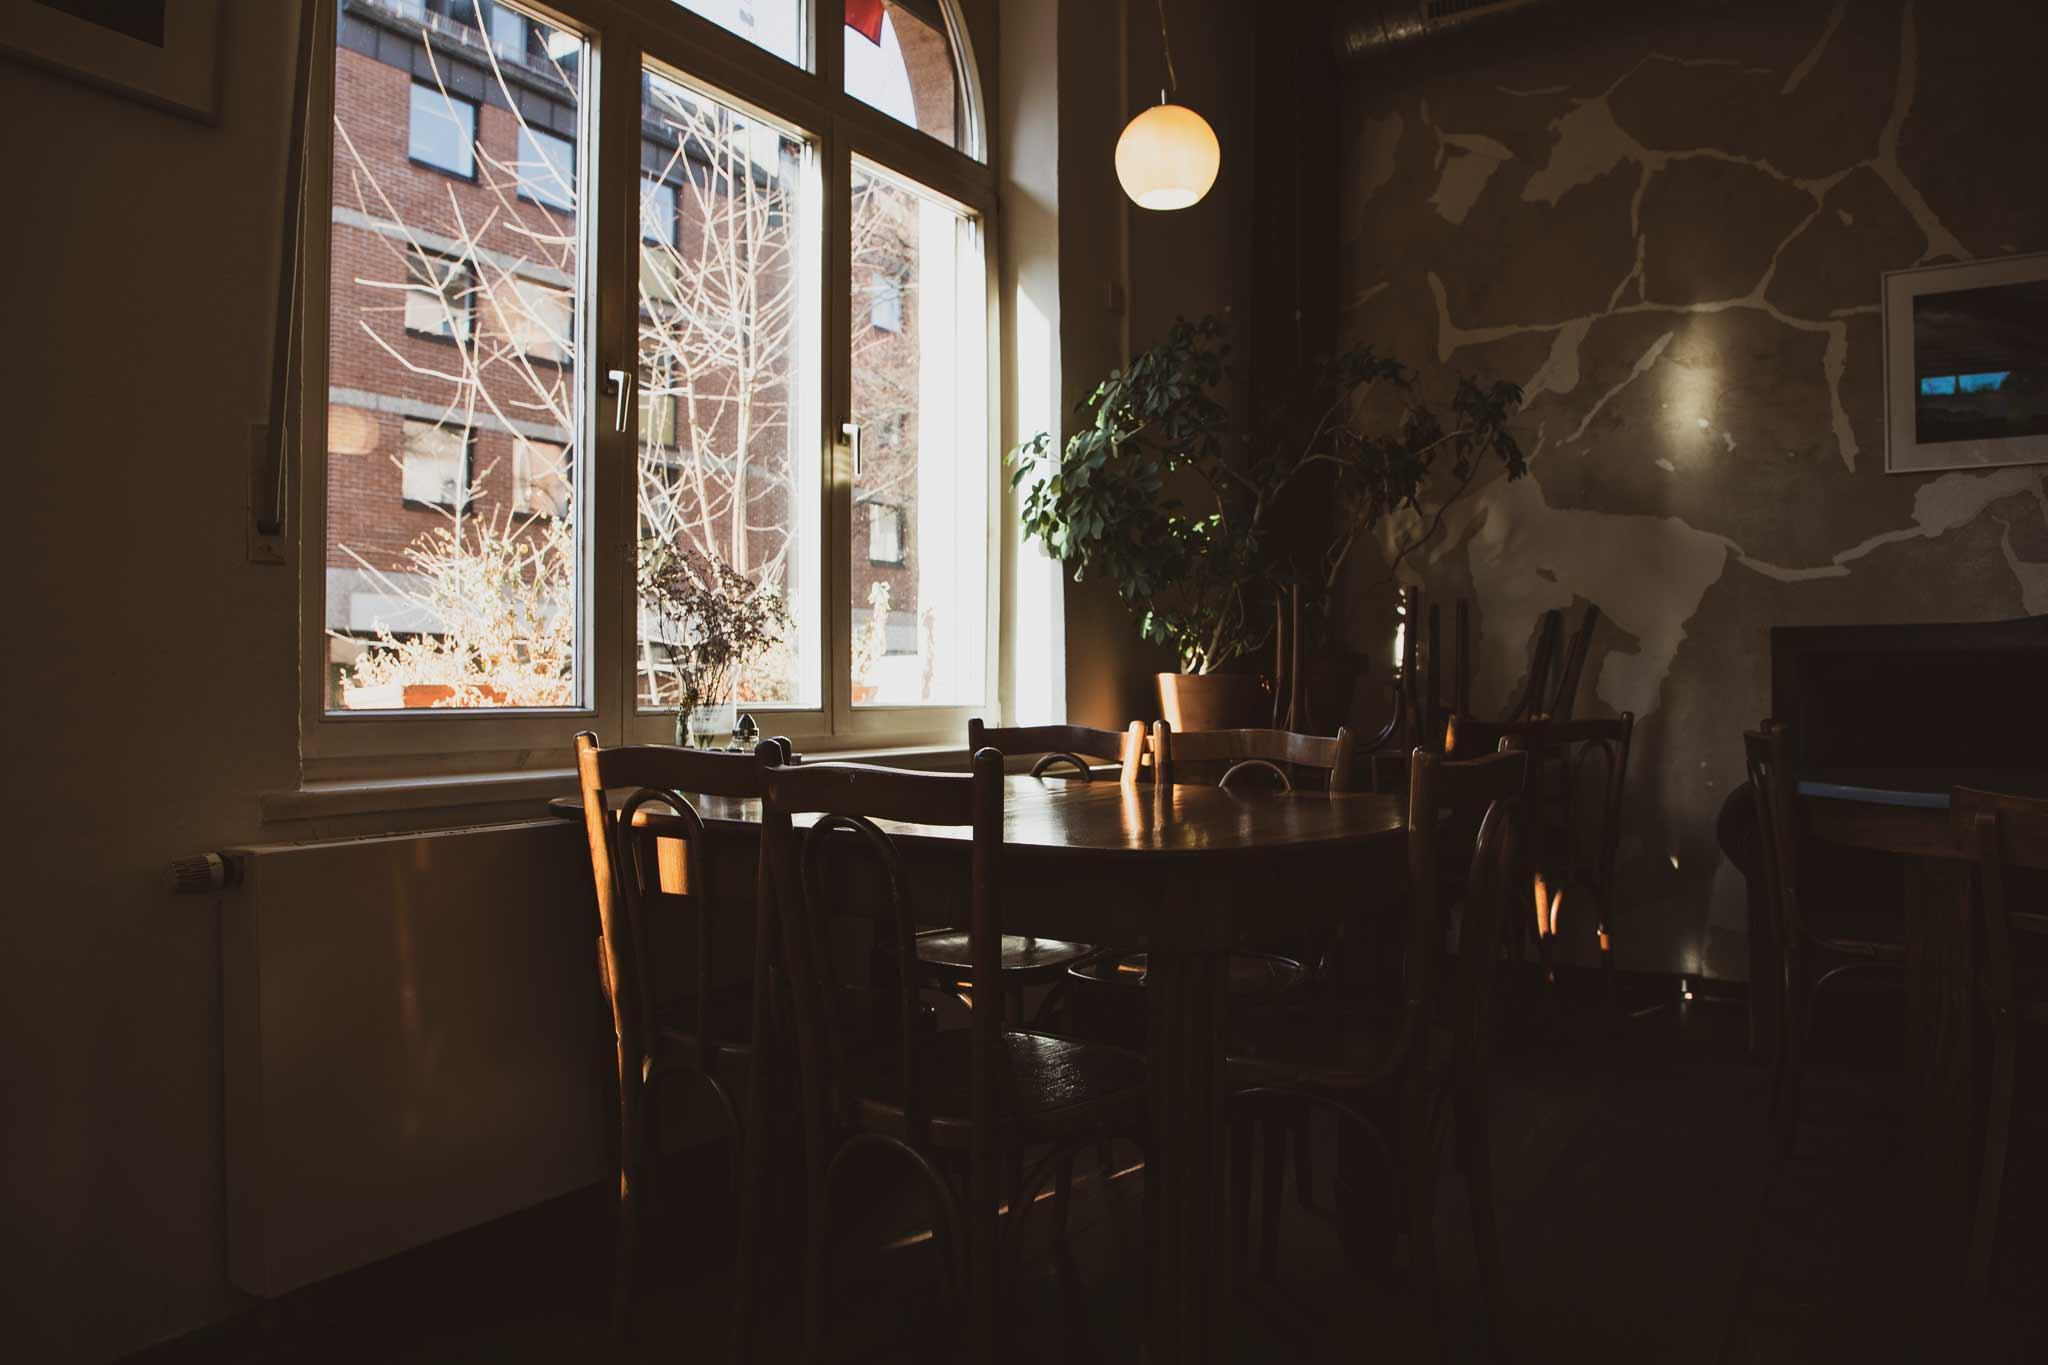 Tisch ruhige Atmosphäre - Link Ausstellungen